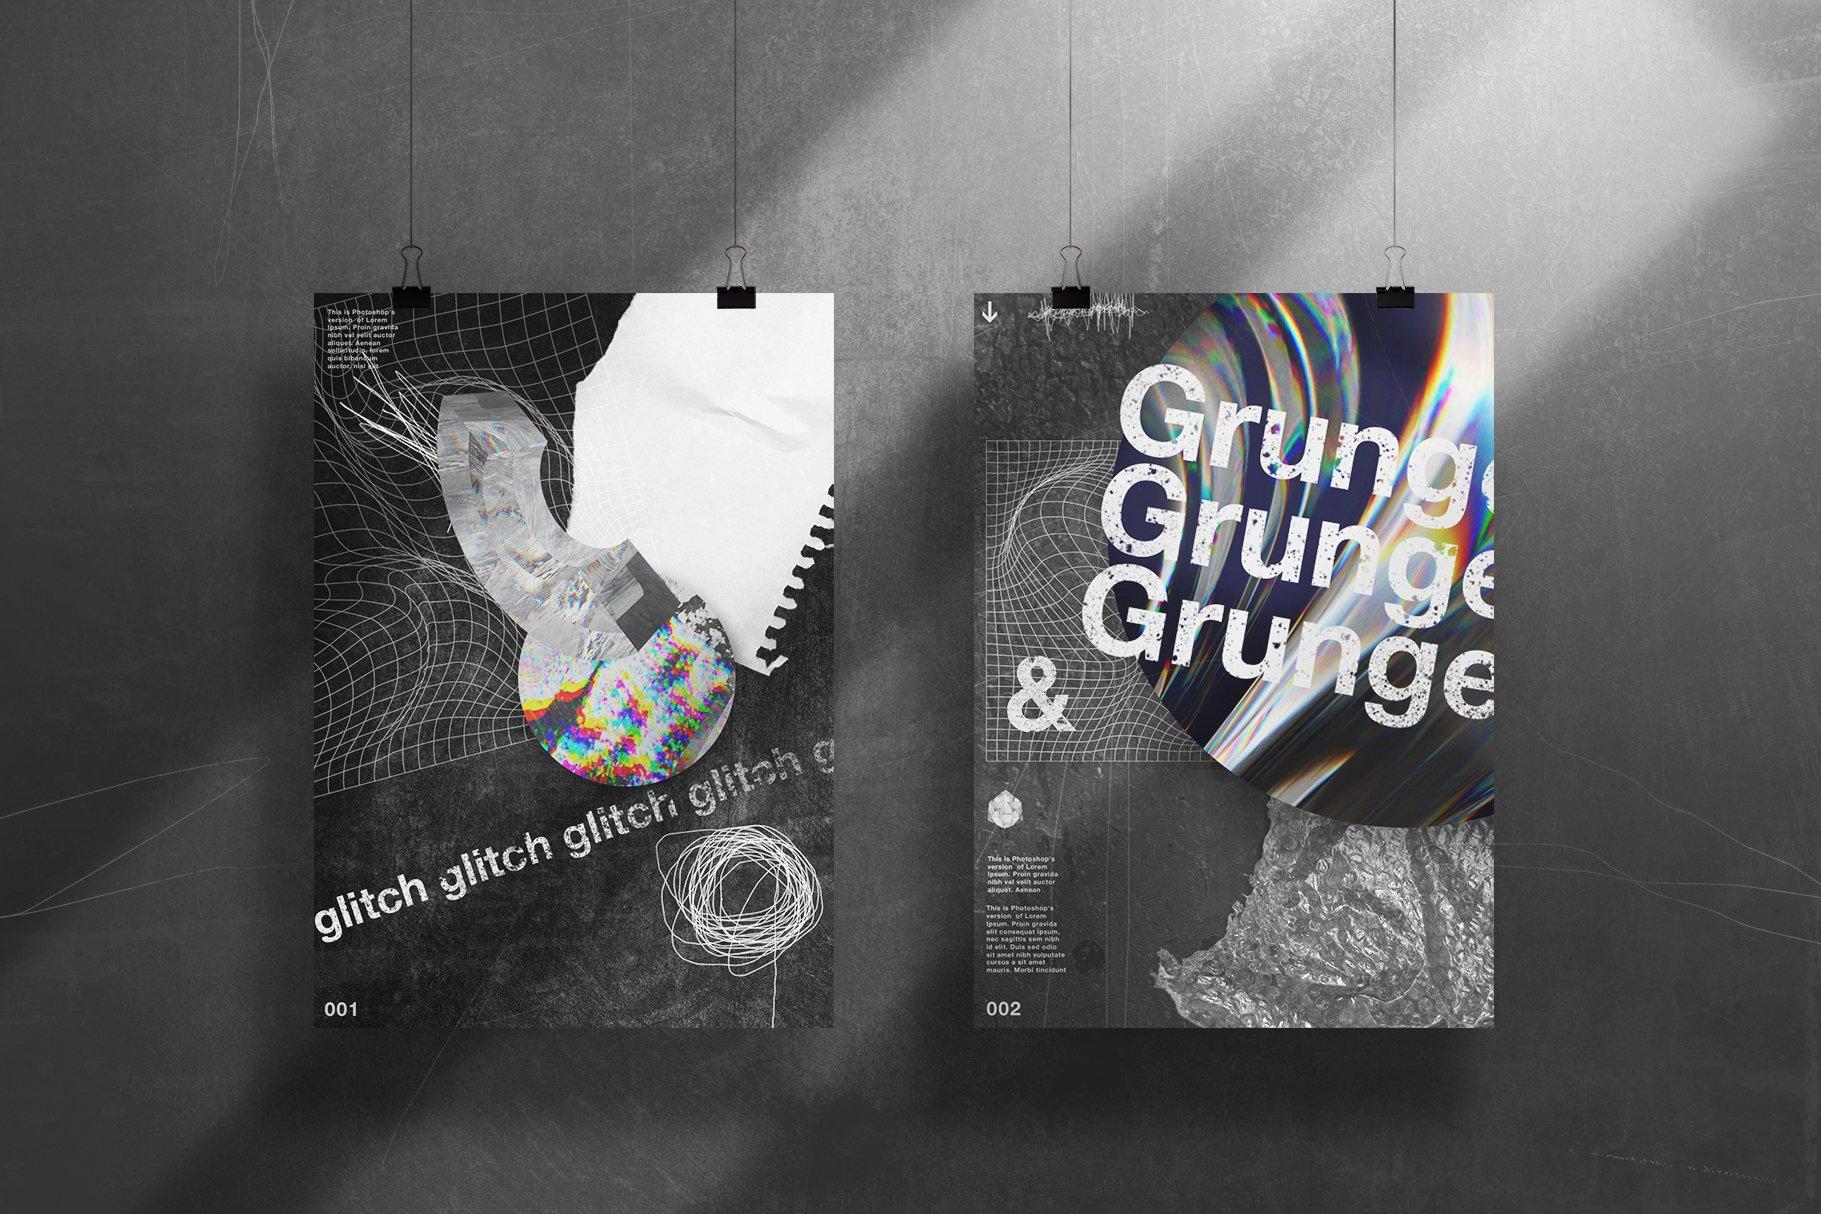 [淘宝购买] 潮流抽象故障扭曲网格塑料薄膜海报设计背景纹理素材 Grunge&Glitch – Toolkit 7in1插图(10)